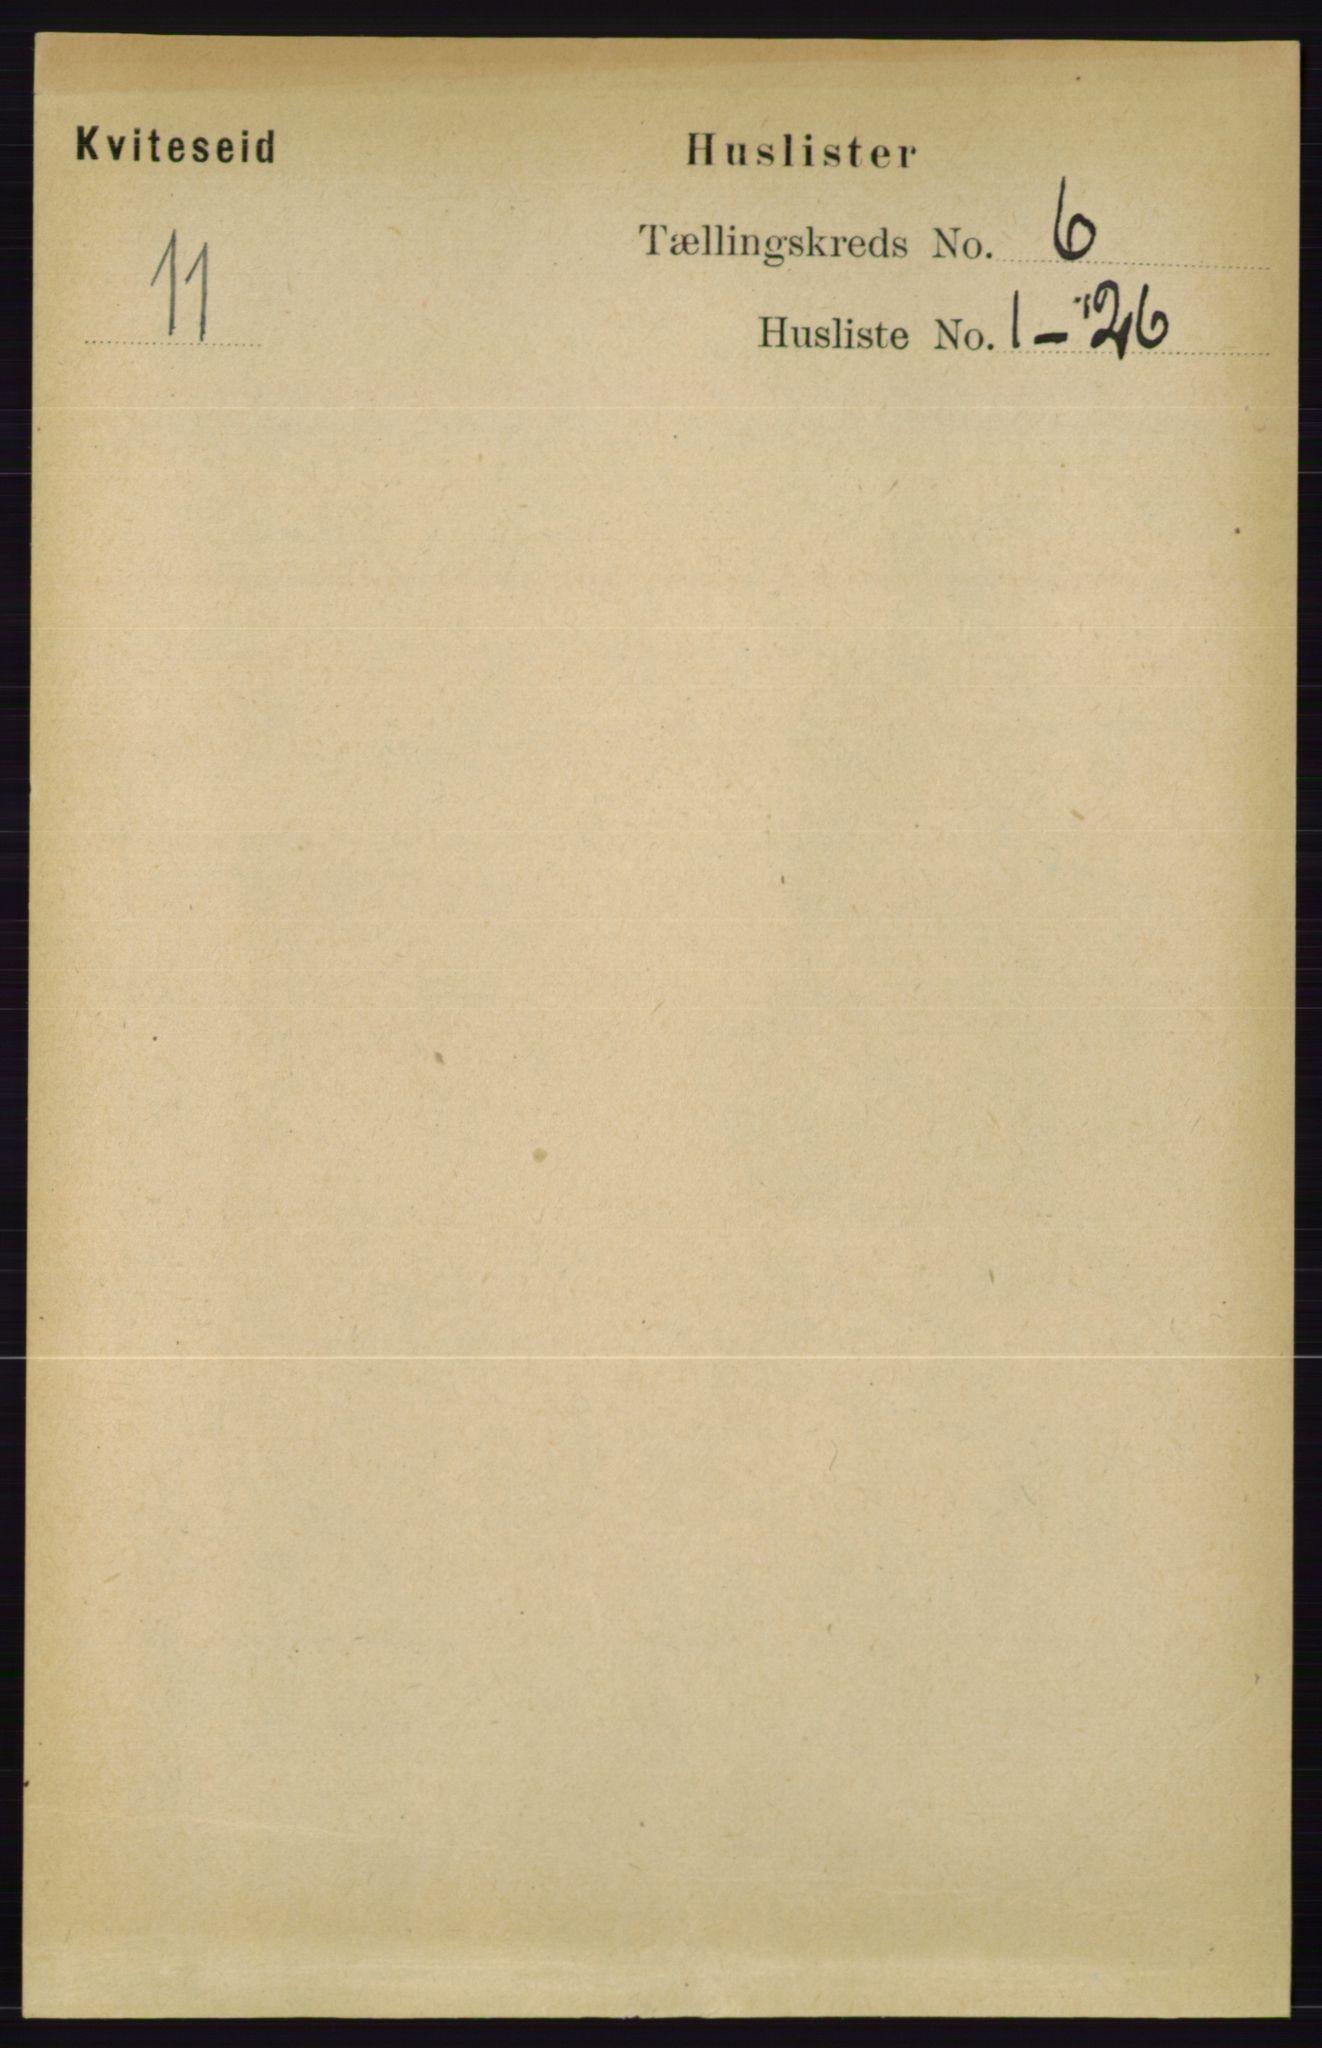 RA, Folketelling 1891 for 0829 Kviteseid herred, 1891, s. 1138